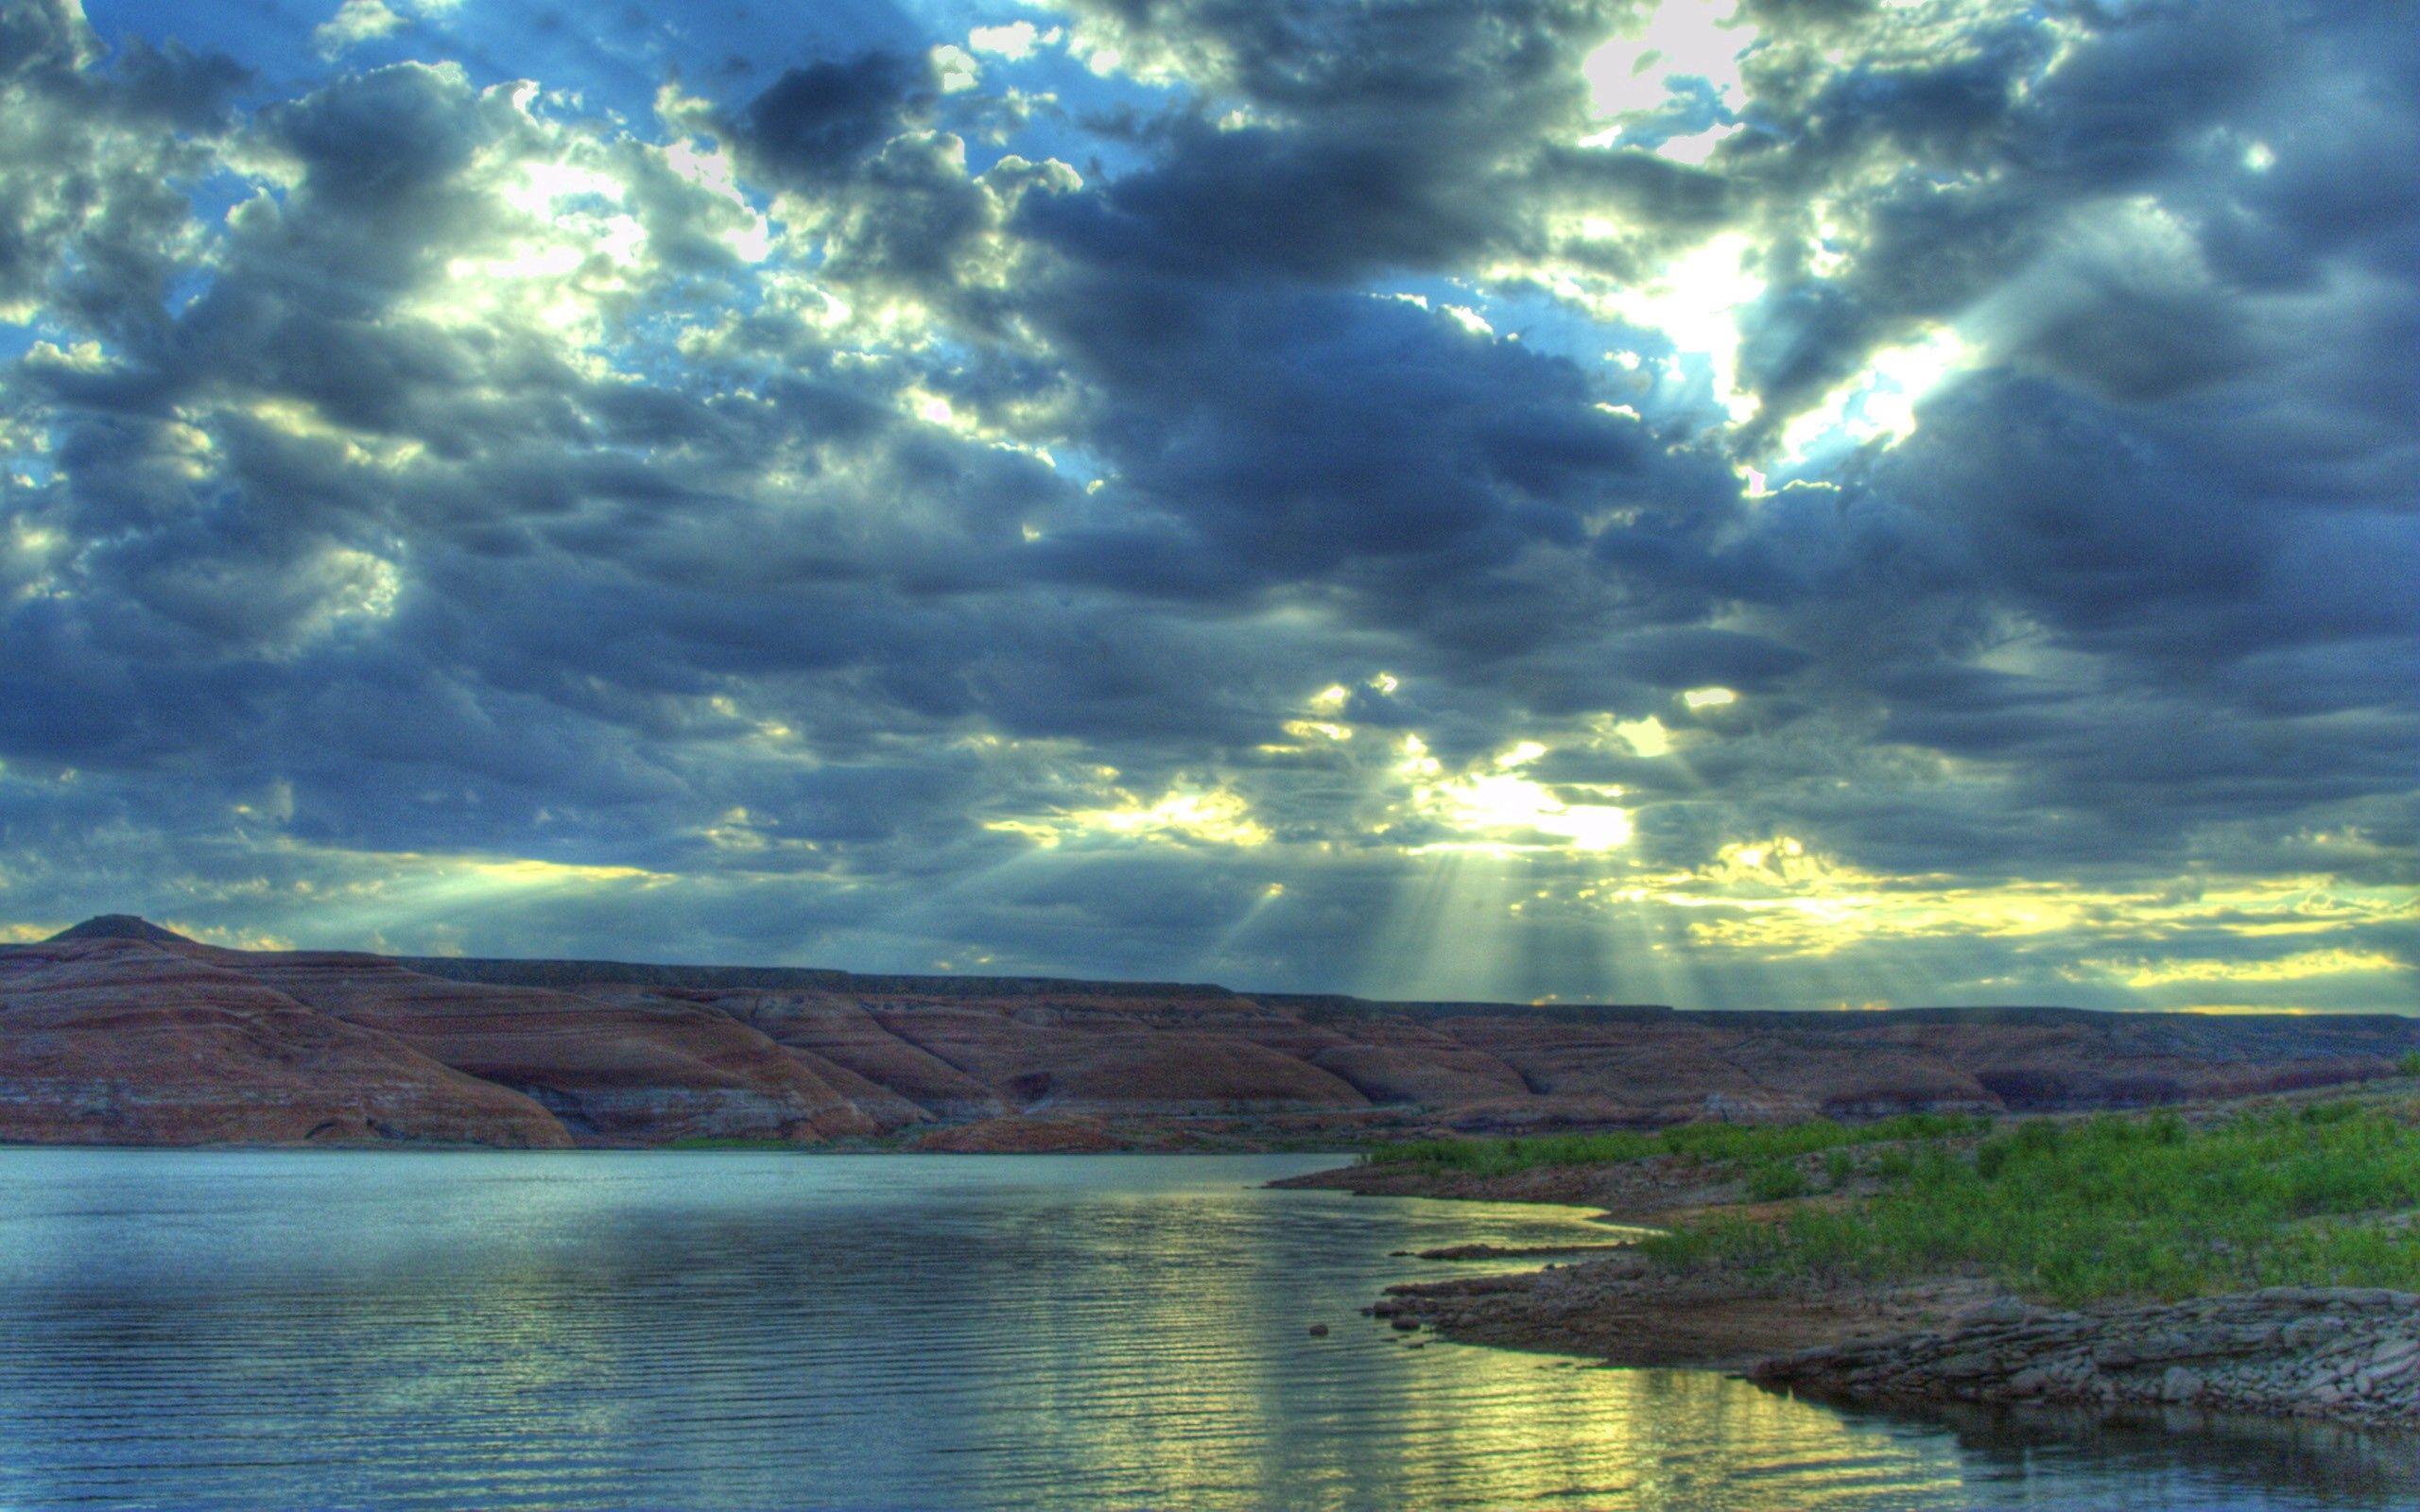 143078 fond d'écran 540x960 sur votre téléphone gratuitement, téléchargez des images Rivières, Nature, Sky, Été, Réflexion 540x960 sur votre mobile